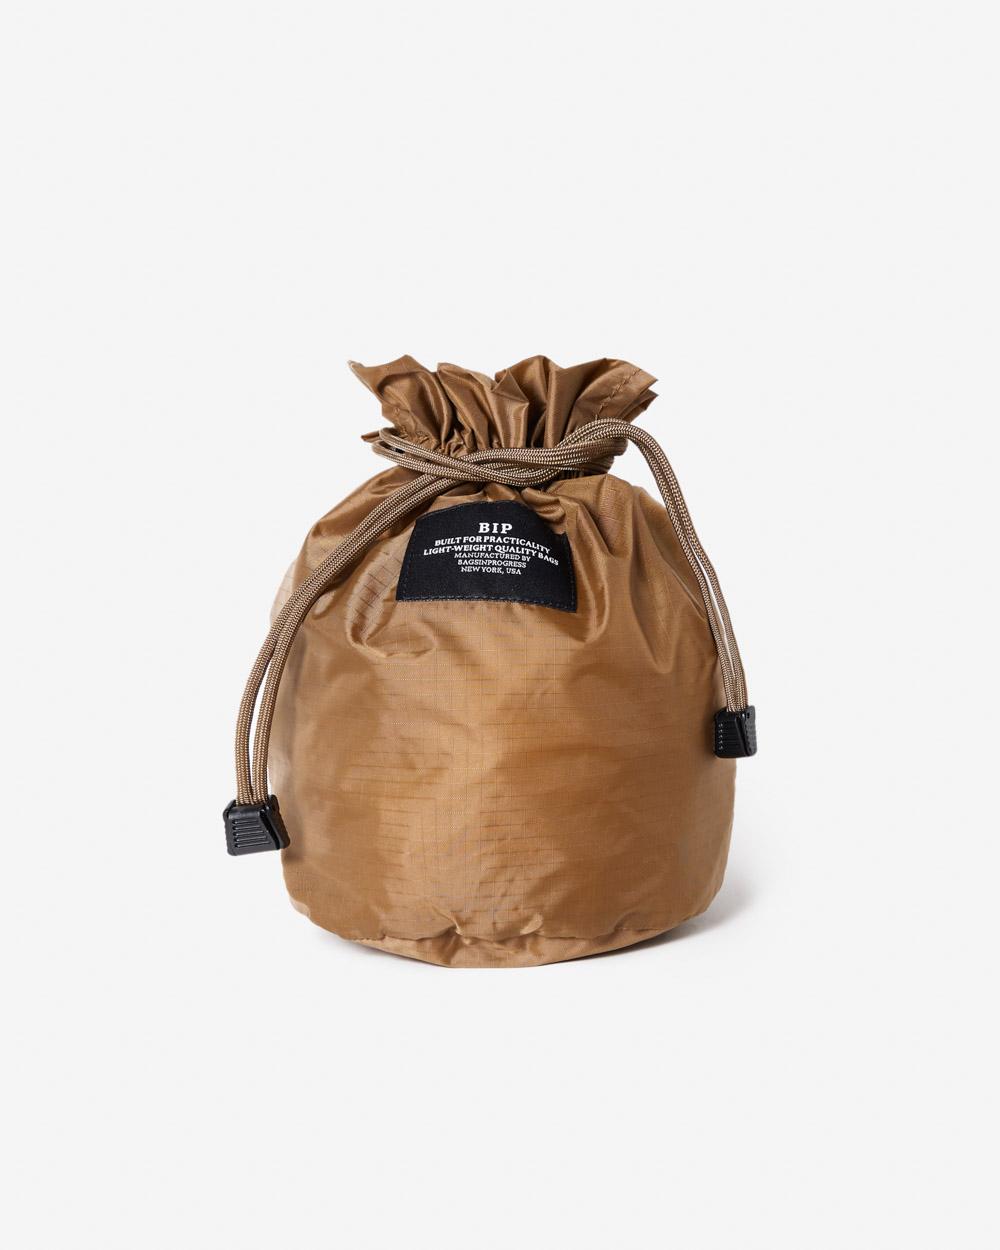 Bags In Progress